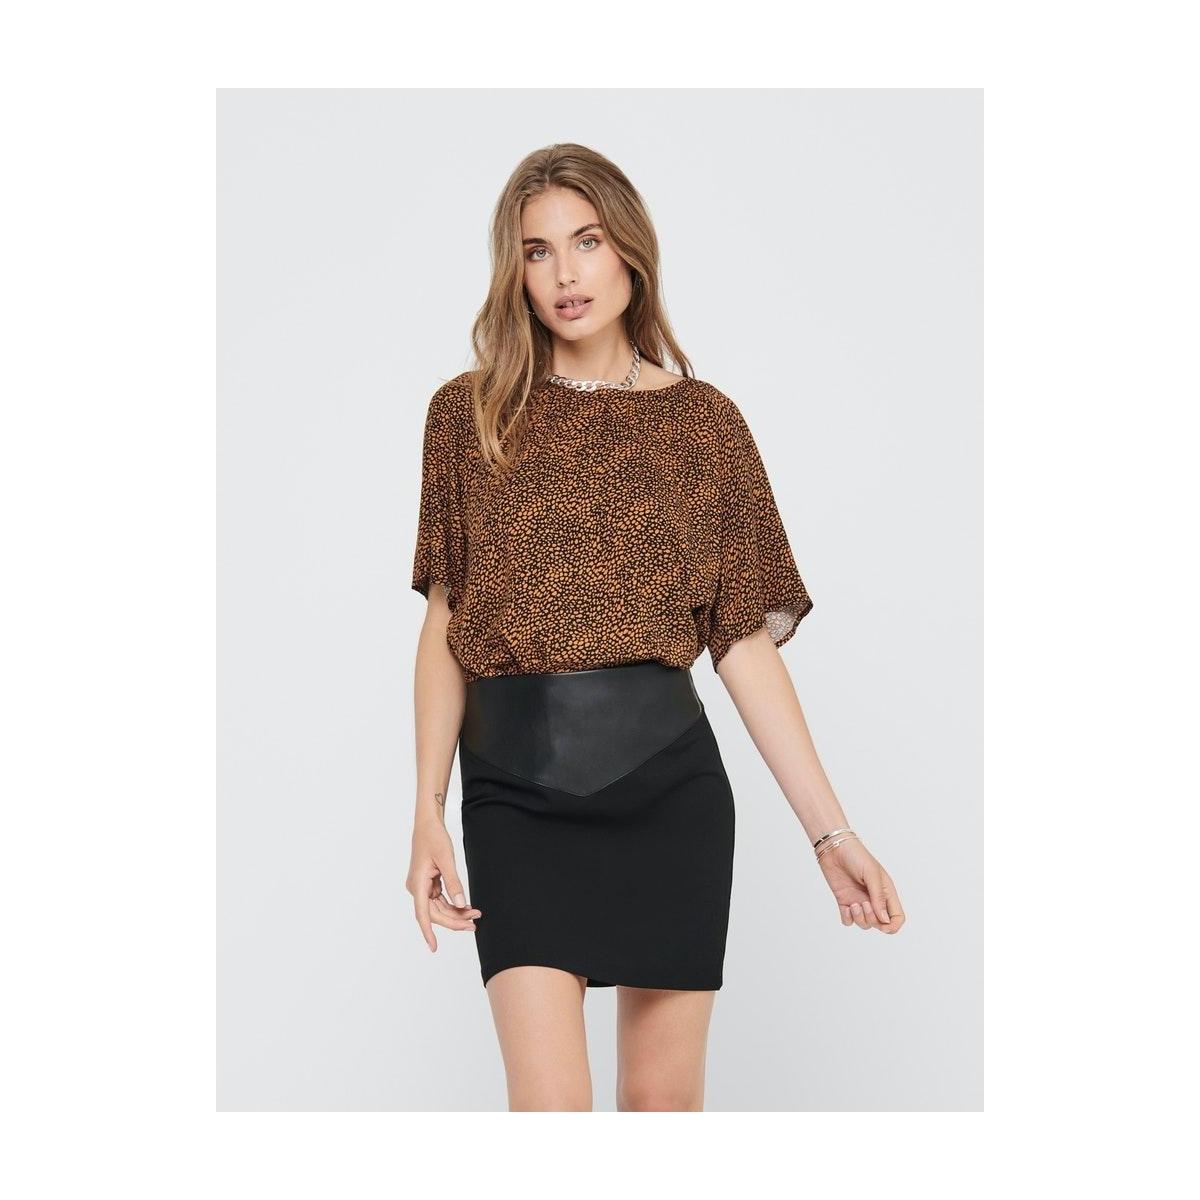 jdypearl s/s top wvn 15209000 jacqueline de yong t-shirt black/leather brown